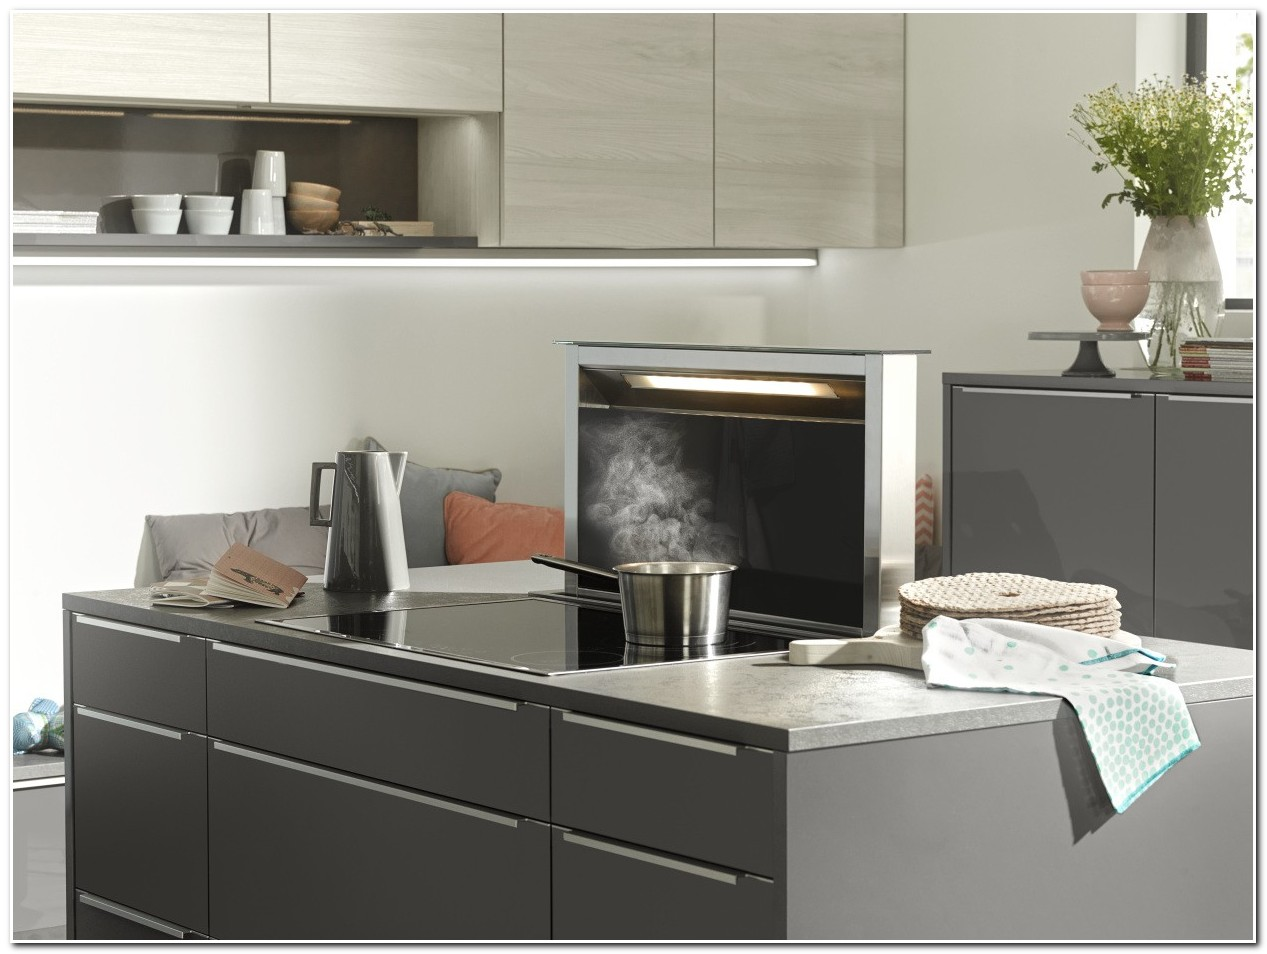 Quartz gris pour cuisine cuisine id es de d coration for Cuisine quartz